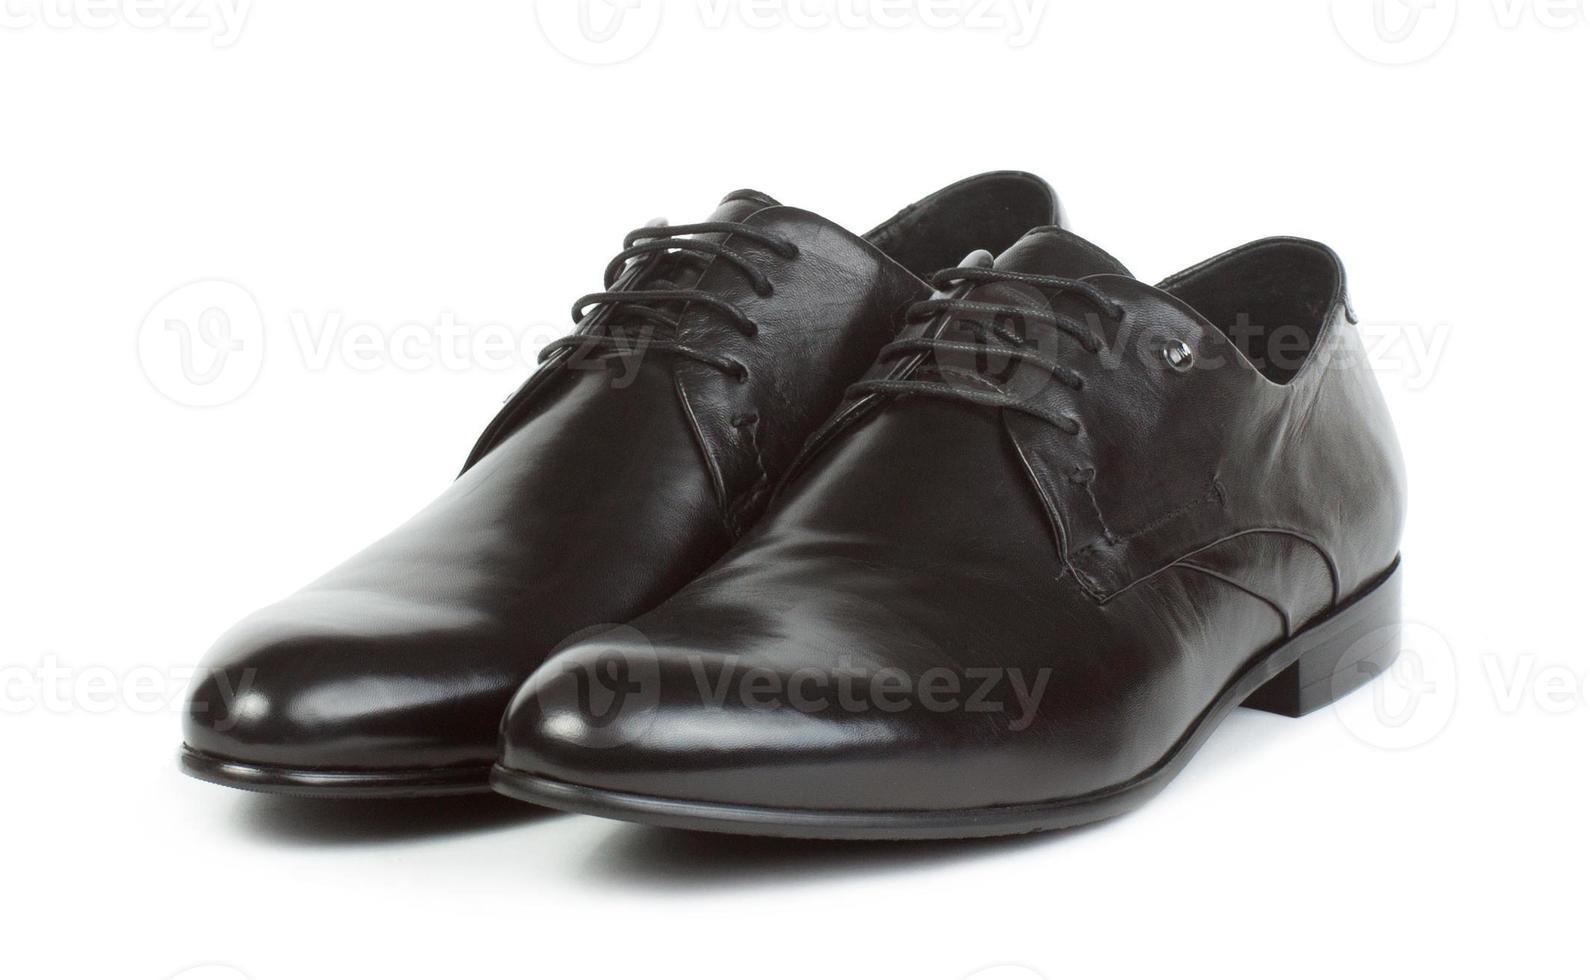 par de sapatos pretos com atacadores para homens foto